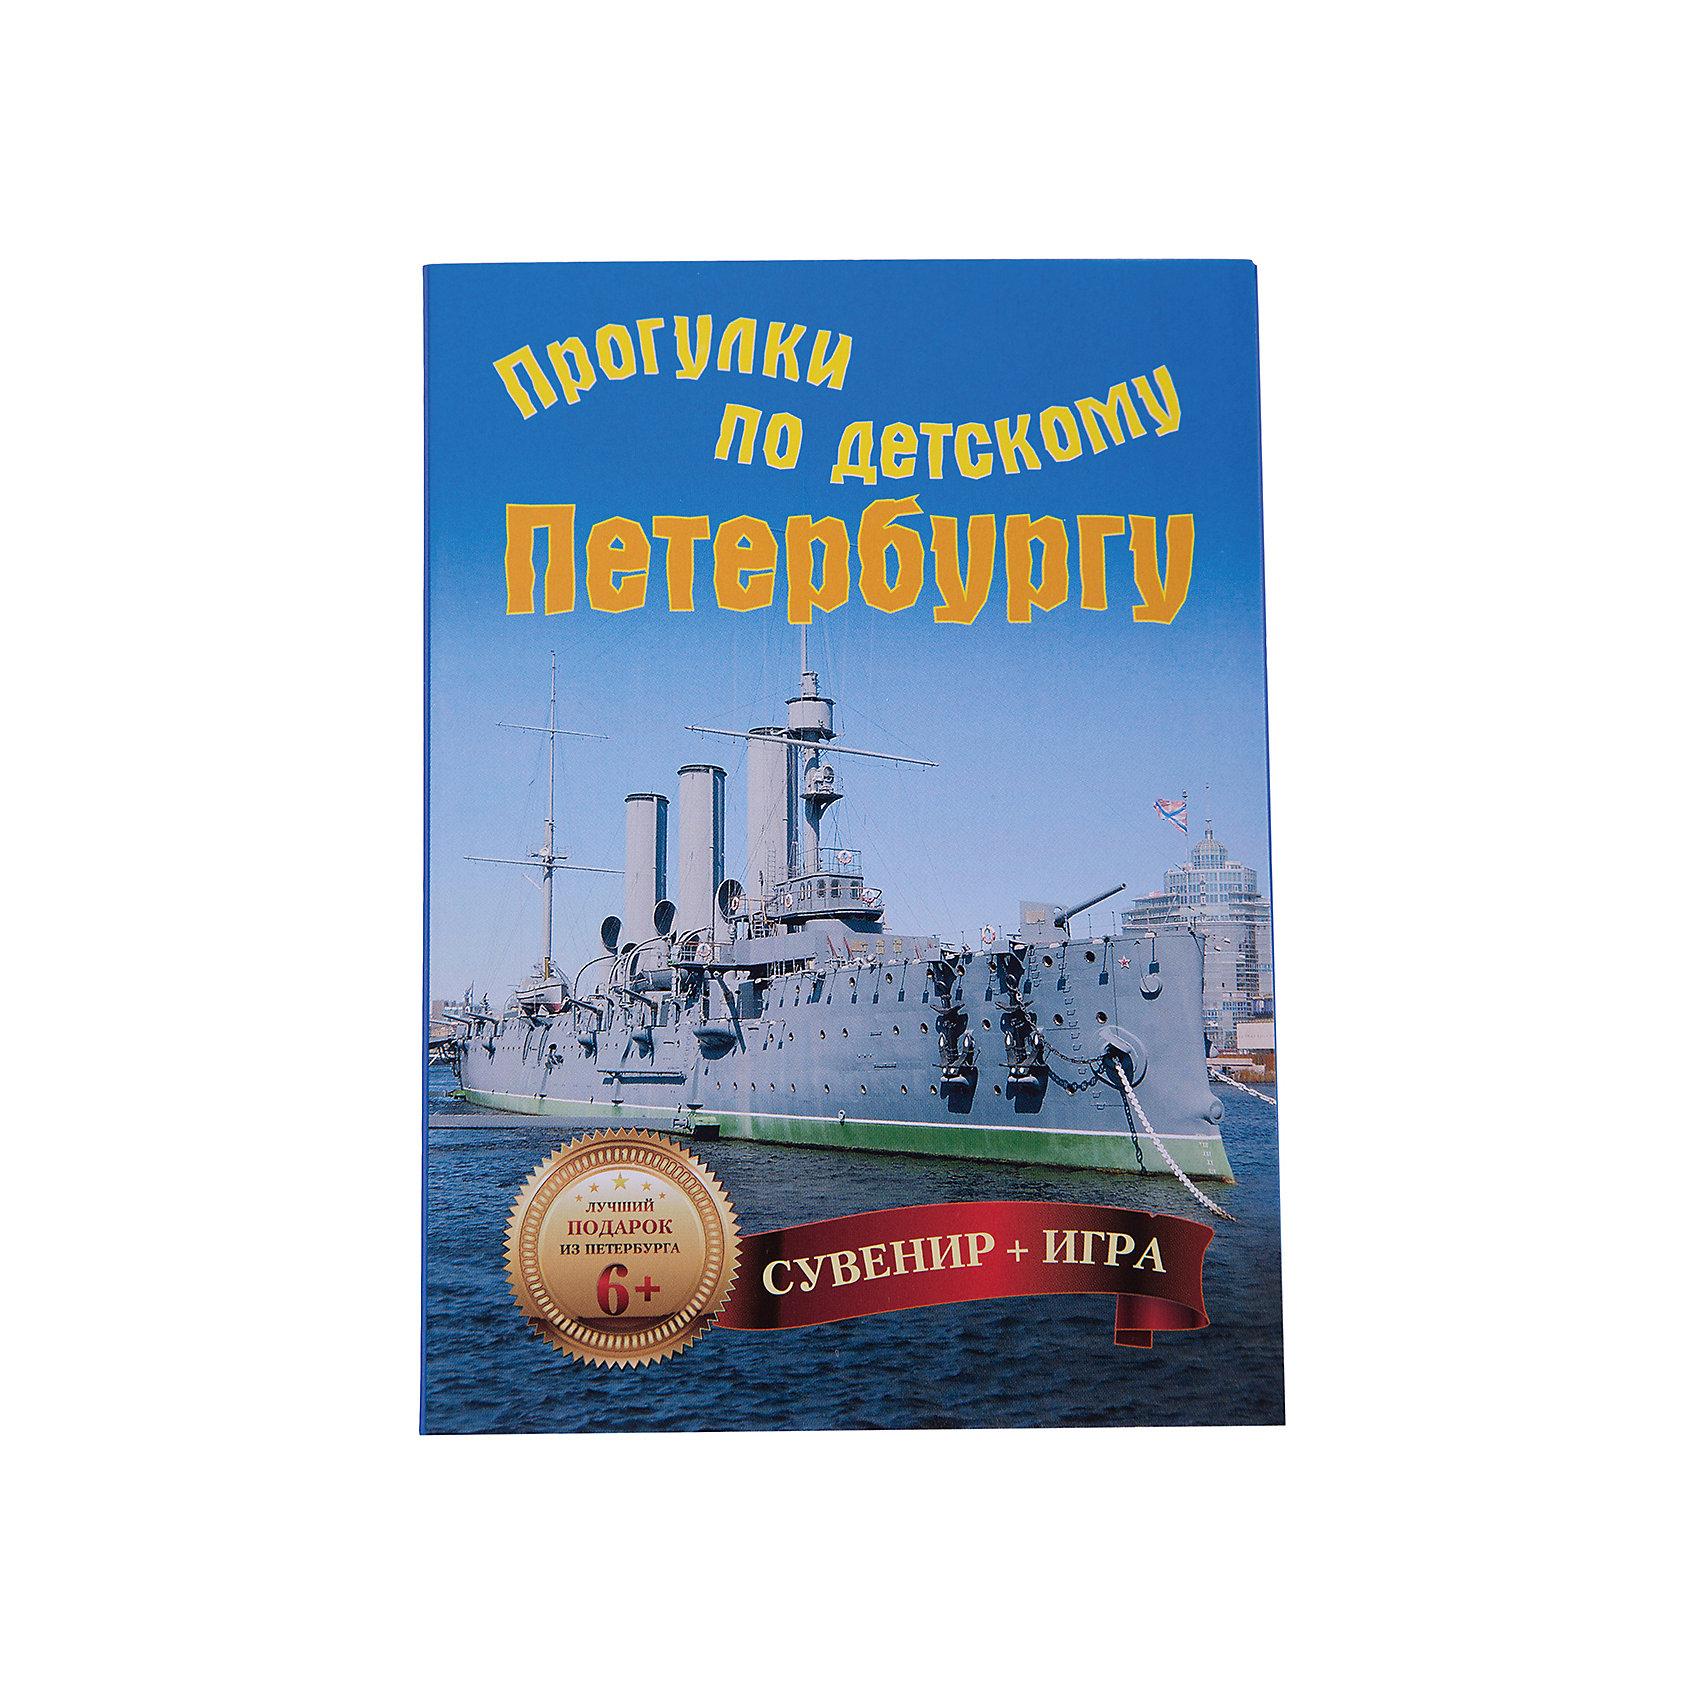 ПИТЕР Прогулки по детскому Петербургу (29 карточек) гурко ю феофанова о находилки прогулки гуляем с детьми по петербургу